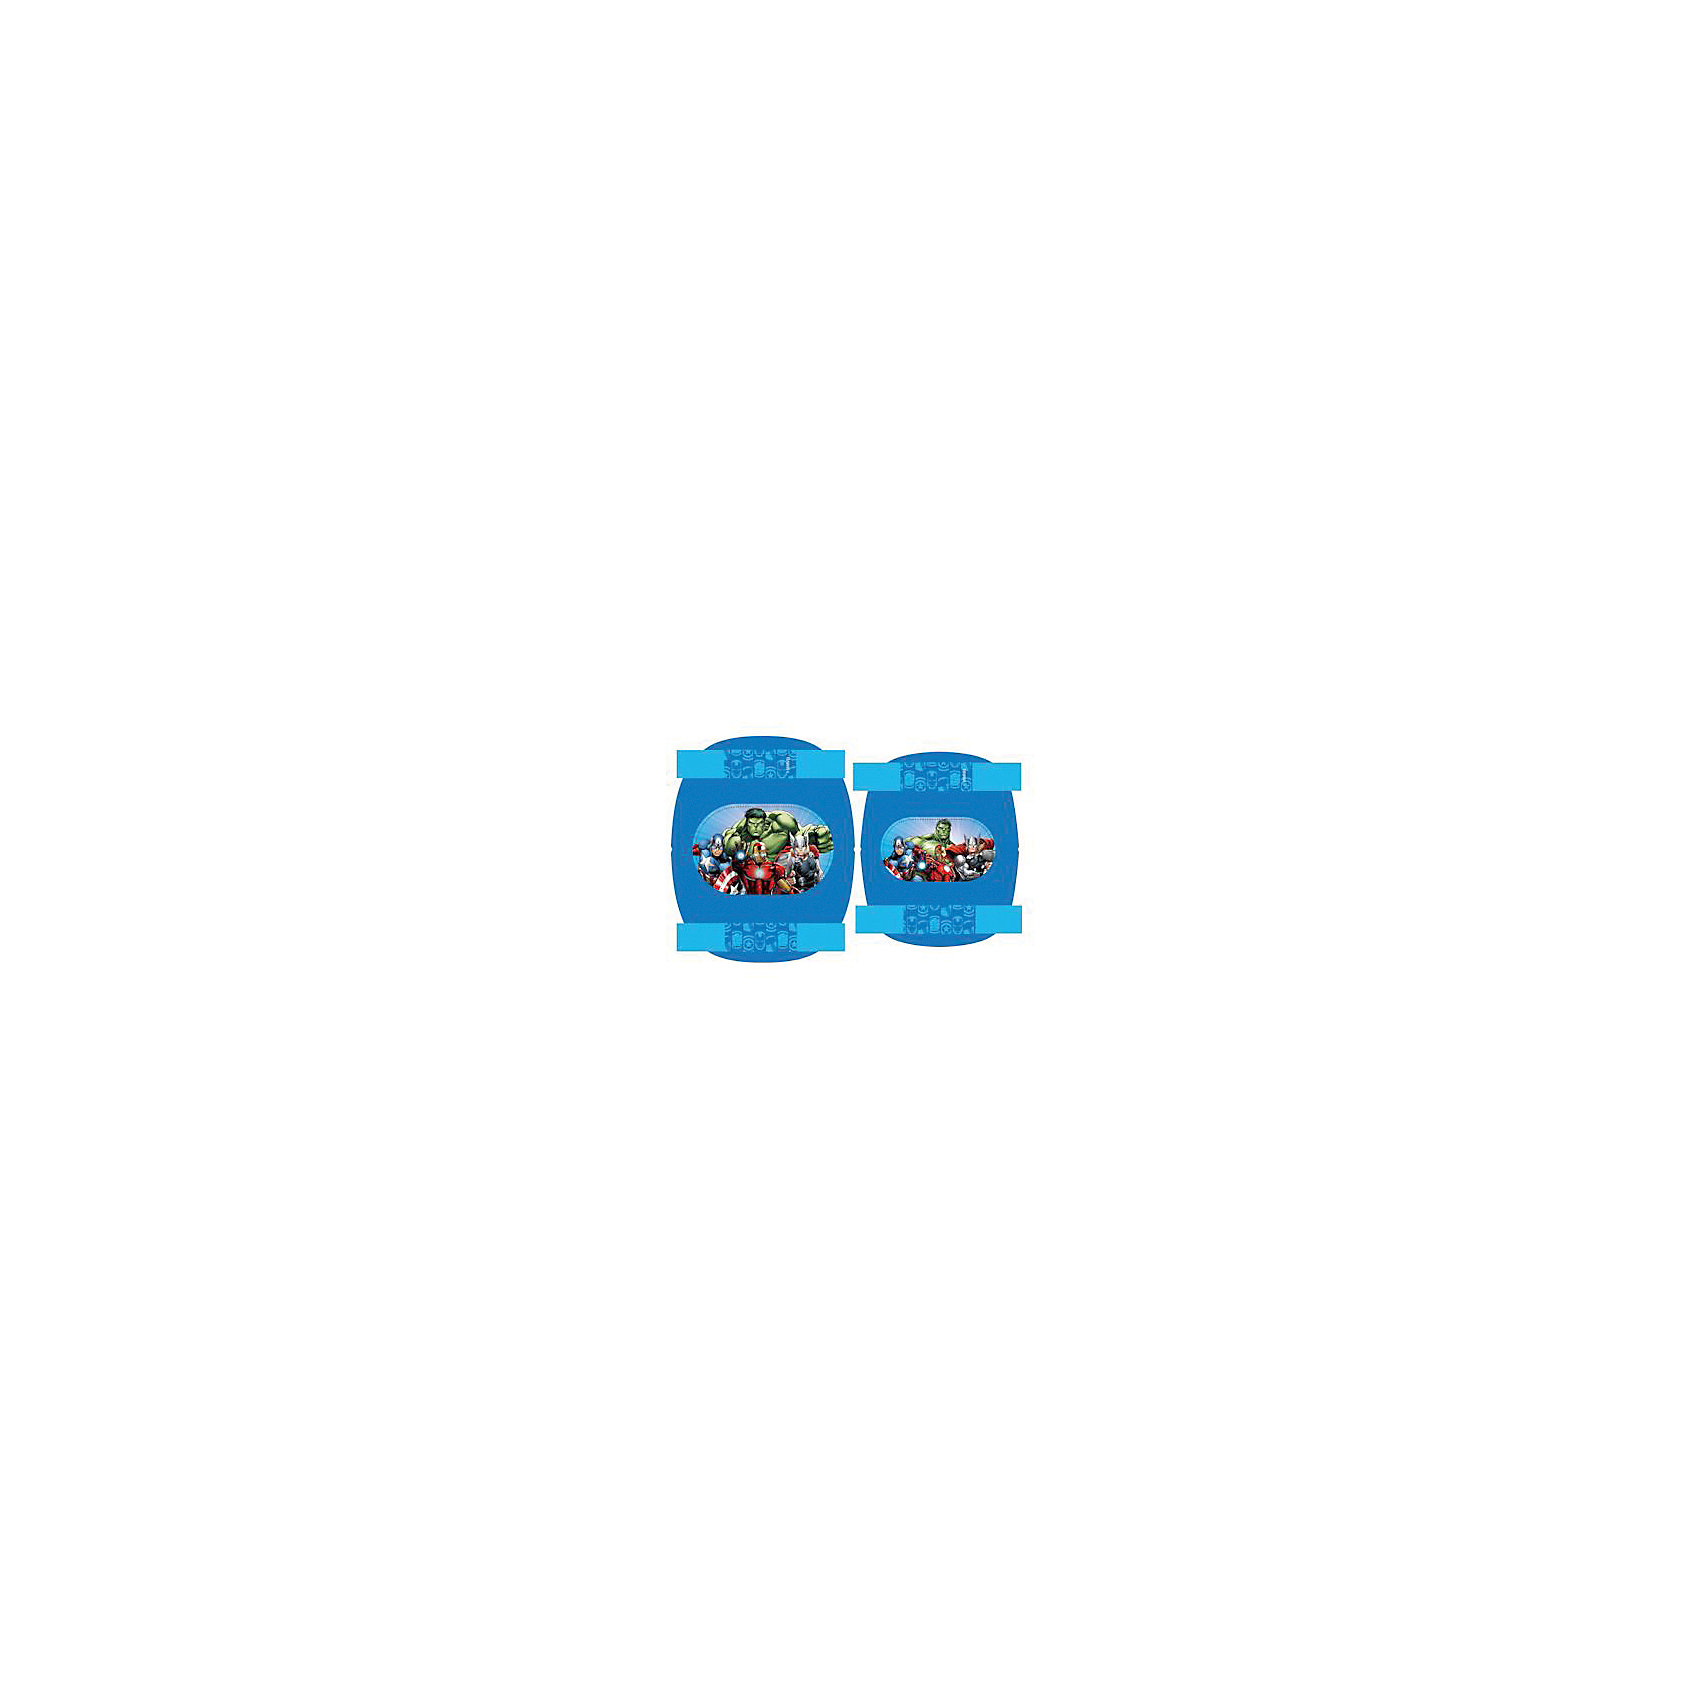 Комплект защиты для колен, локтей, запястий, размер М, МстителиКомплект защиты для колен, локтей, запястий, размер М, Мстители (Avengers) – этот комплект предназначен для защиты вашего ребенка от травм.<br>Комплект защиты для коленей, локтей и запястий «Мстители» выполнен в синей расцветке и украшен изображениями популярных супергероев Marvel: Халка, Капитана Америки, Железного Человека и Тора. Он обеспечит безопасность ребенка во время катания на роликах, самокате или велосипеде. Набор произведен из высококачественных материалов: первоклассного полиэстера и высококачественного пластика — материала, отличающегося предельной прочностью и долговечностью.<br><br>Дополнительная информация:<br><br>- В комплекте: наколенники, налокотники, защита на запястья<br>- Размер: М<br>- Материал: высококачественный пластик, полиэстер<br>- Упаковка: сетчатая сумка<br>- Размер упаковки: 30 х 30 х 70 см.<br>- Вес: 250 гр.<br><br>Комплект защиты для колен, локтей, запястий, размер М, Мстители можно купить в нашем интернет-магазине.<br><br>Ширина мм: 300<br>Глубина мм: 300<br>Высота мм: 700<br>Вес г: 250<br>Возраст от месяцев: 96<br>Возраст до месяцев: 192<br>Пол: Мужской<br>Возраст: Детский<br>SKU: 4042358